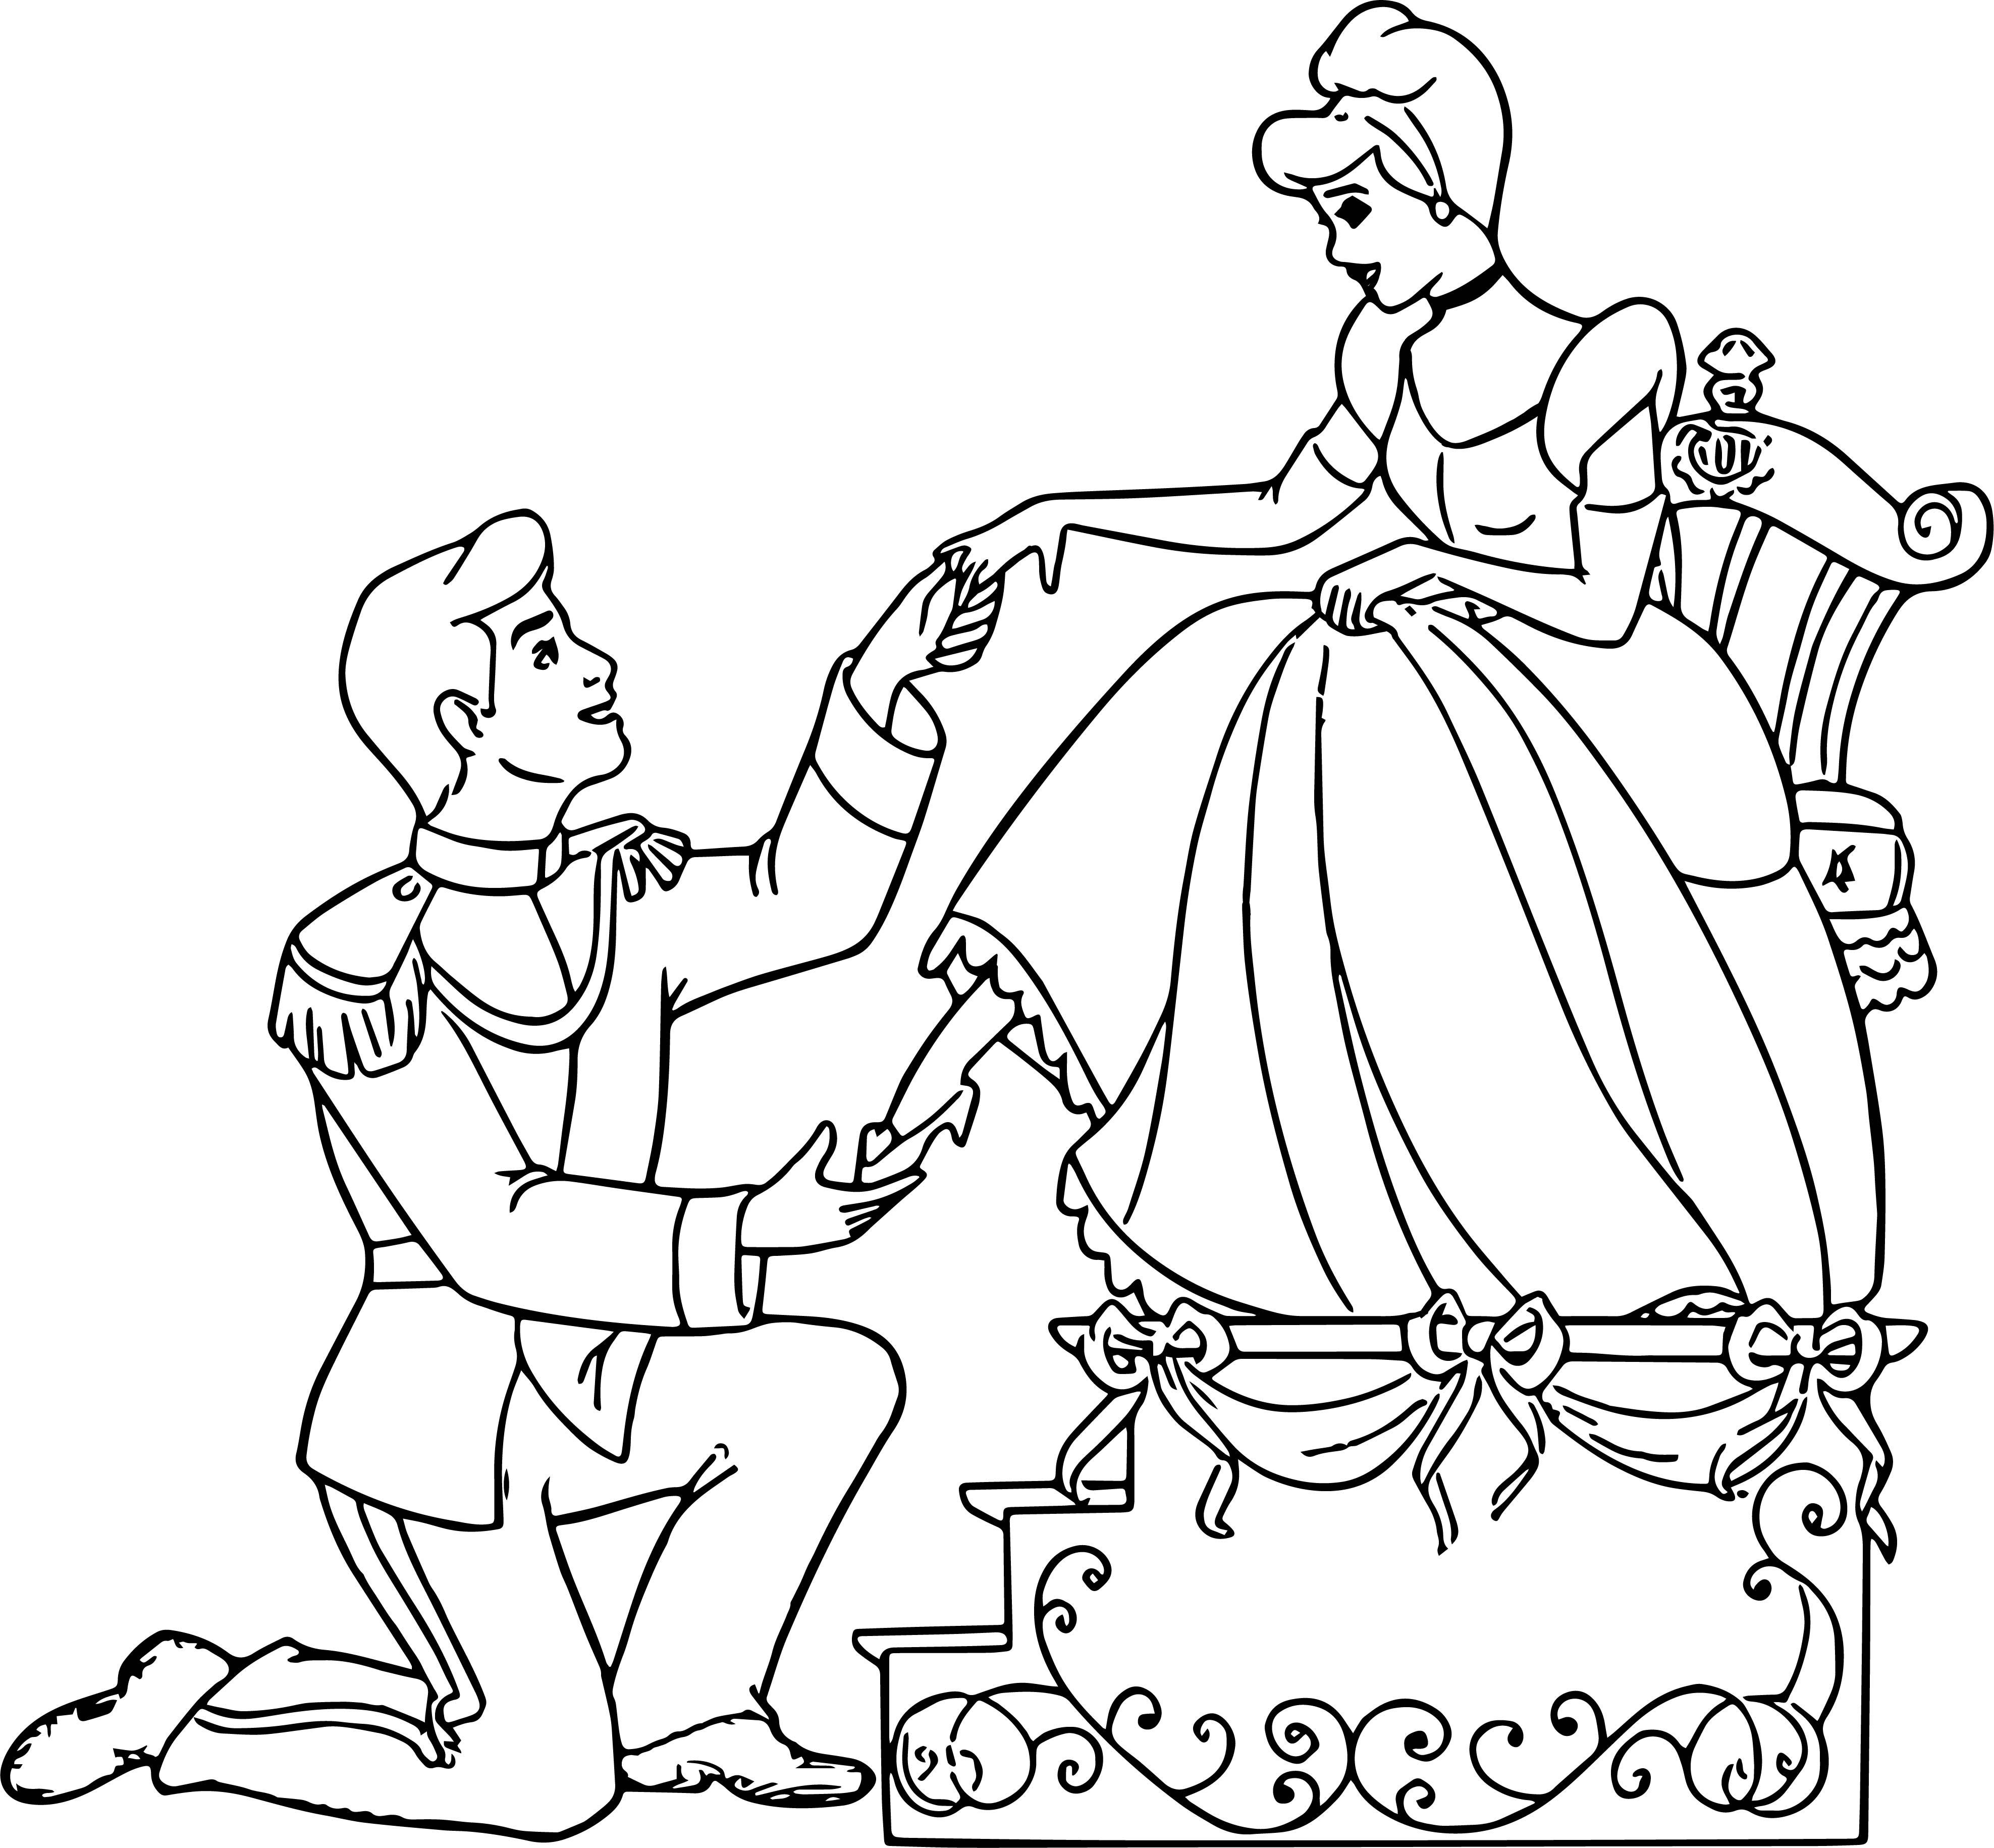 Tranh tô màu công chúa lọ lem đơn giản